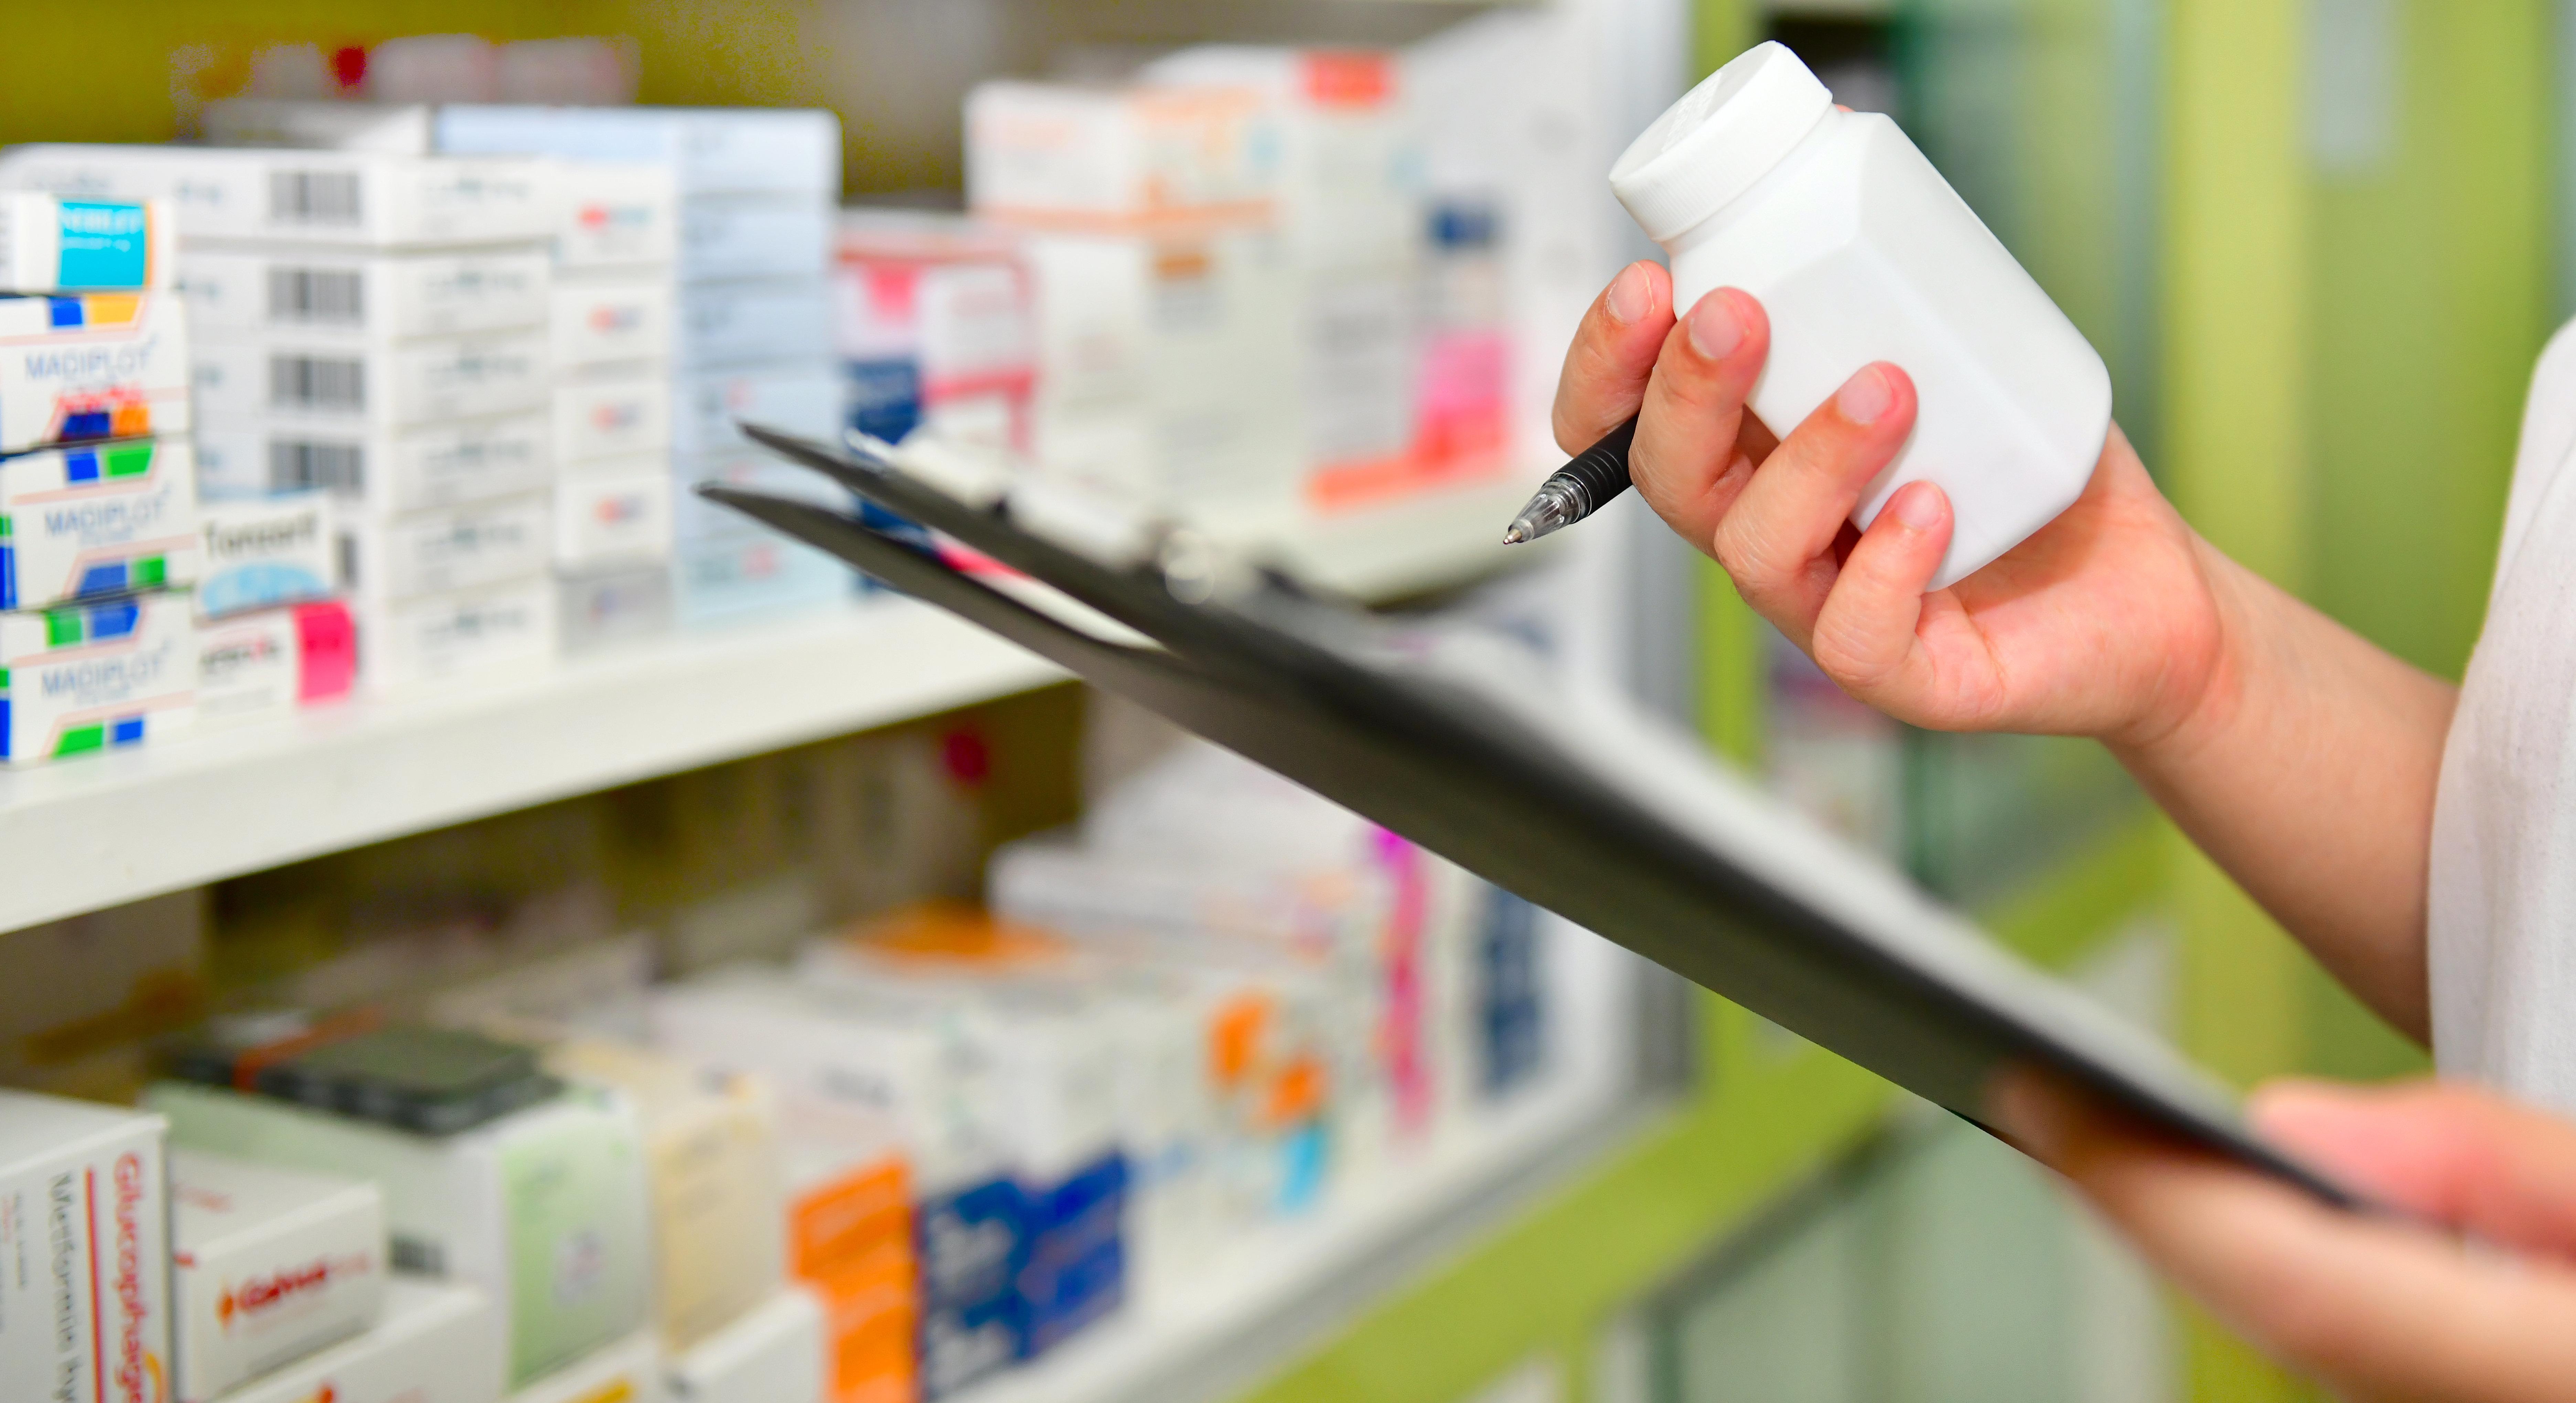 Tunisie : 20% des médicaments ne sont pas actuellement disponibles sur le